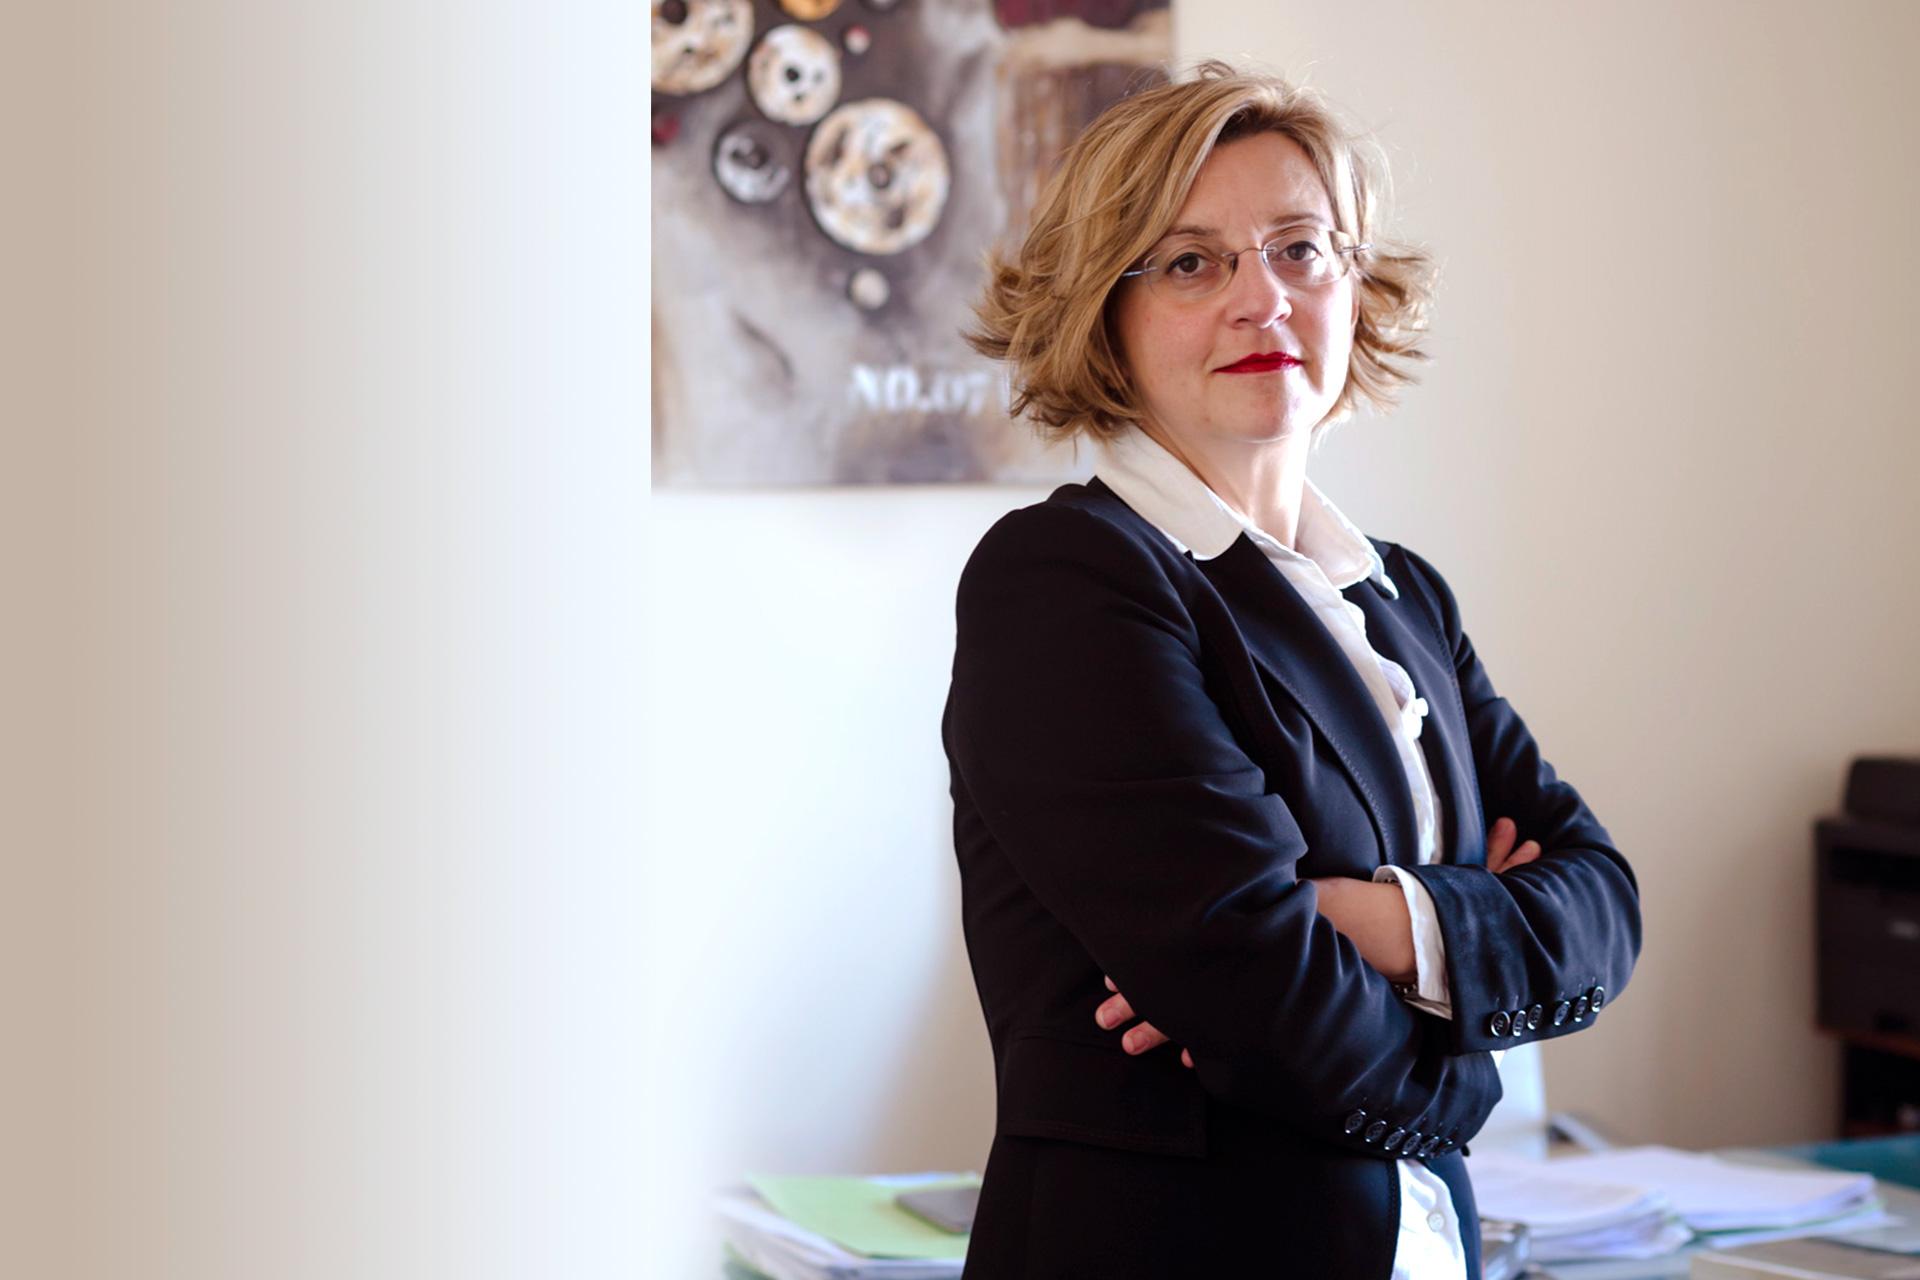 Carmen Leal Despacho de Abogados Cádiz